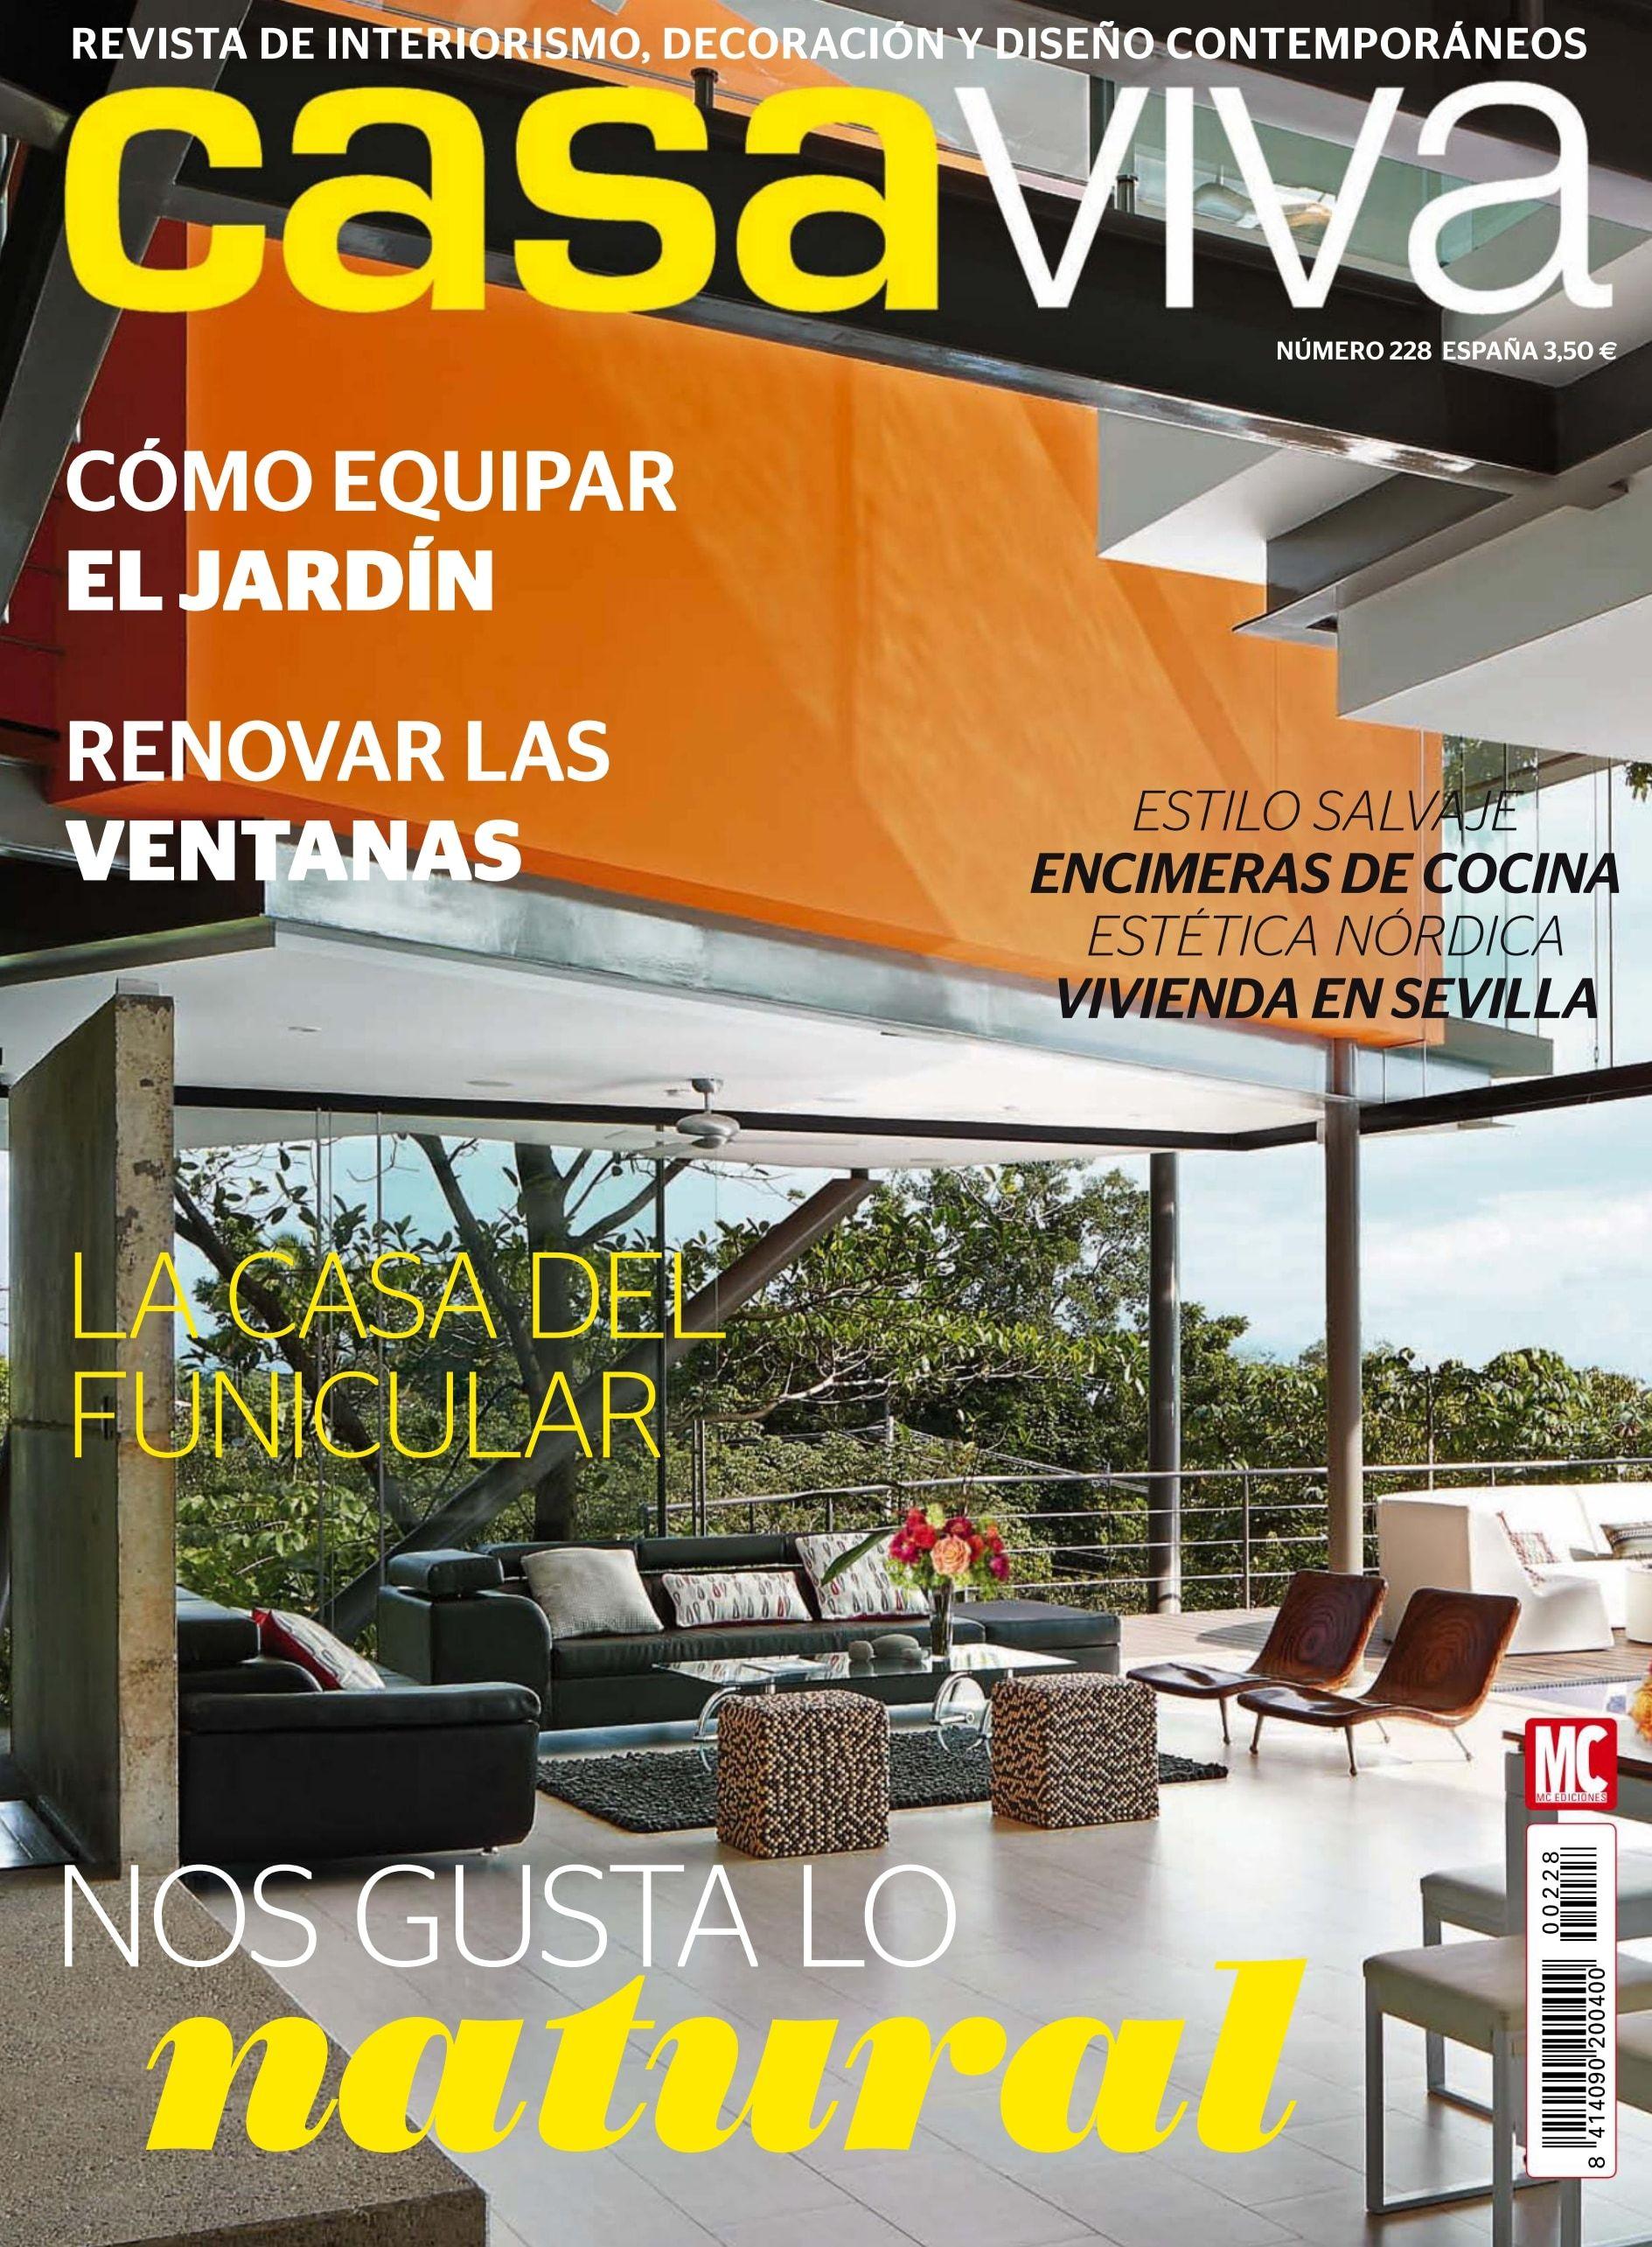 Revista Casa Viva 228. Nos gusta lo natural. Cómo